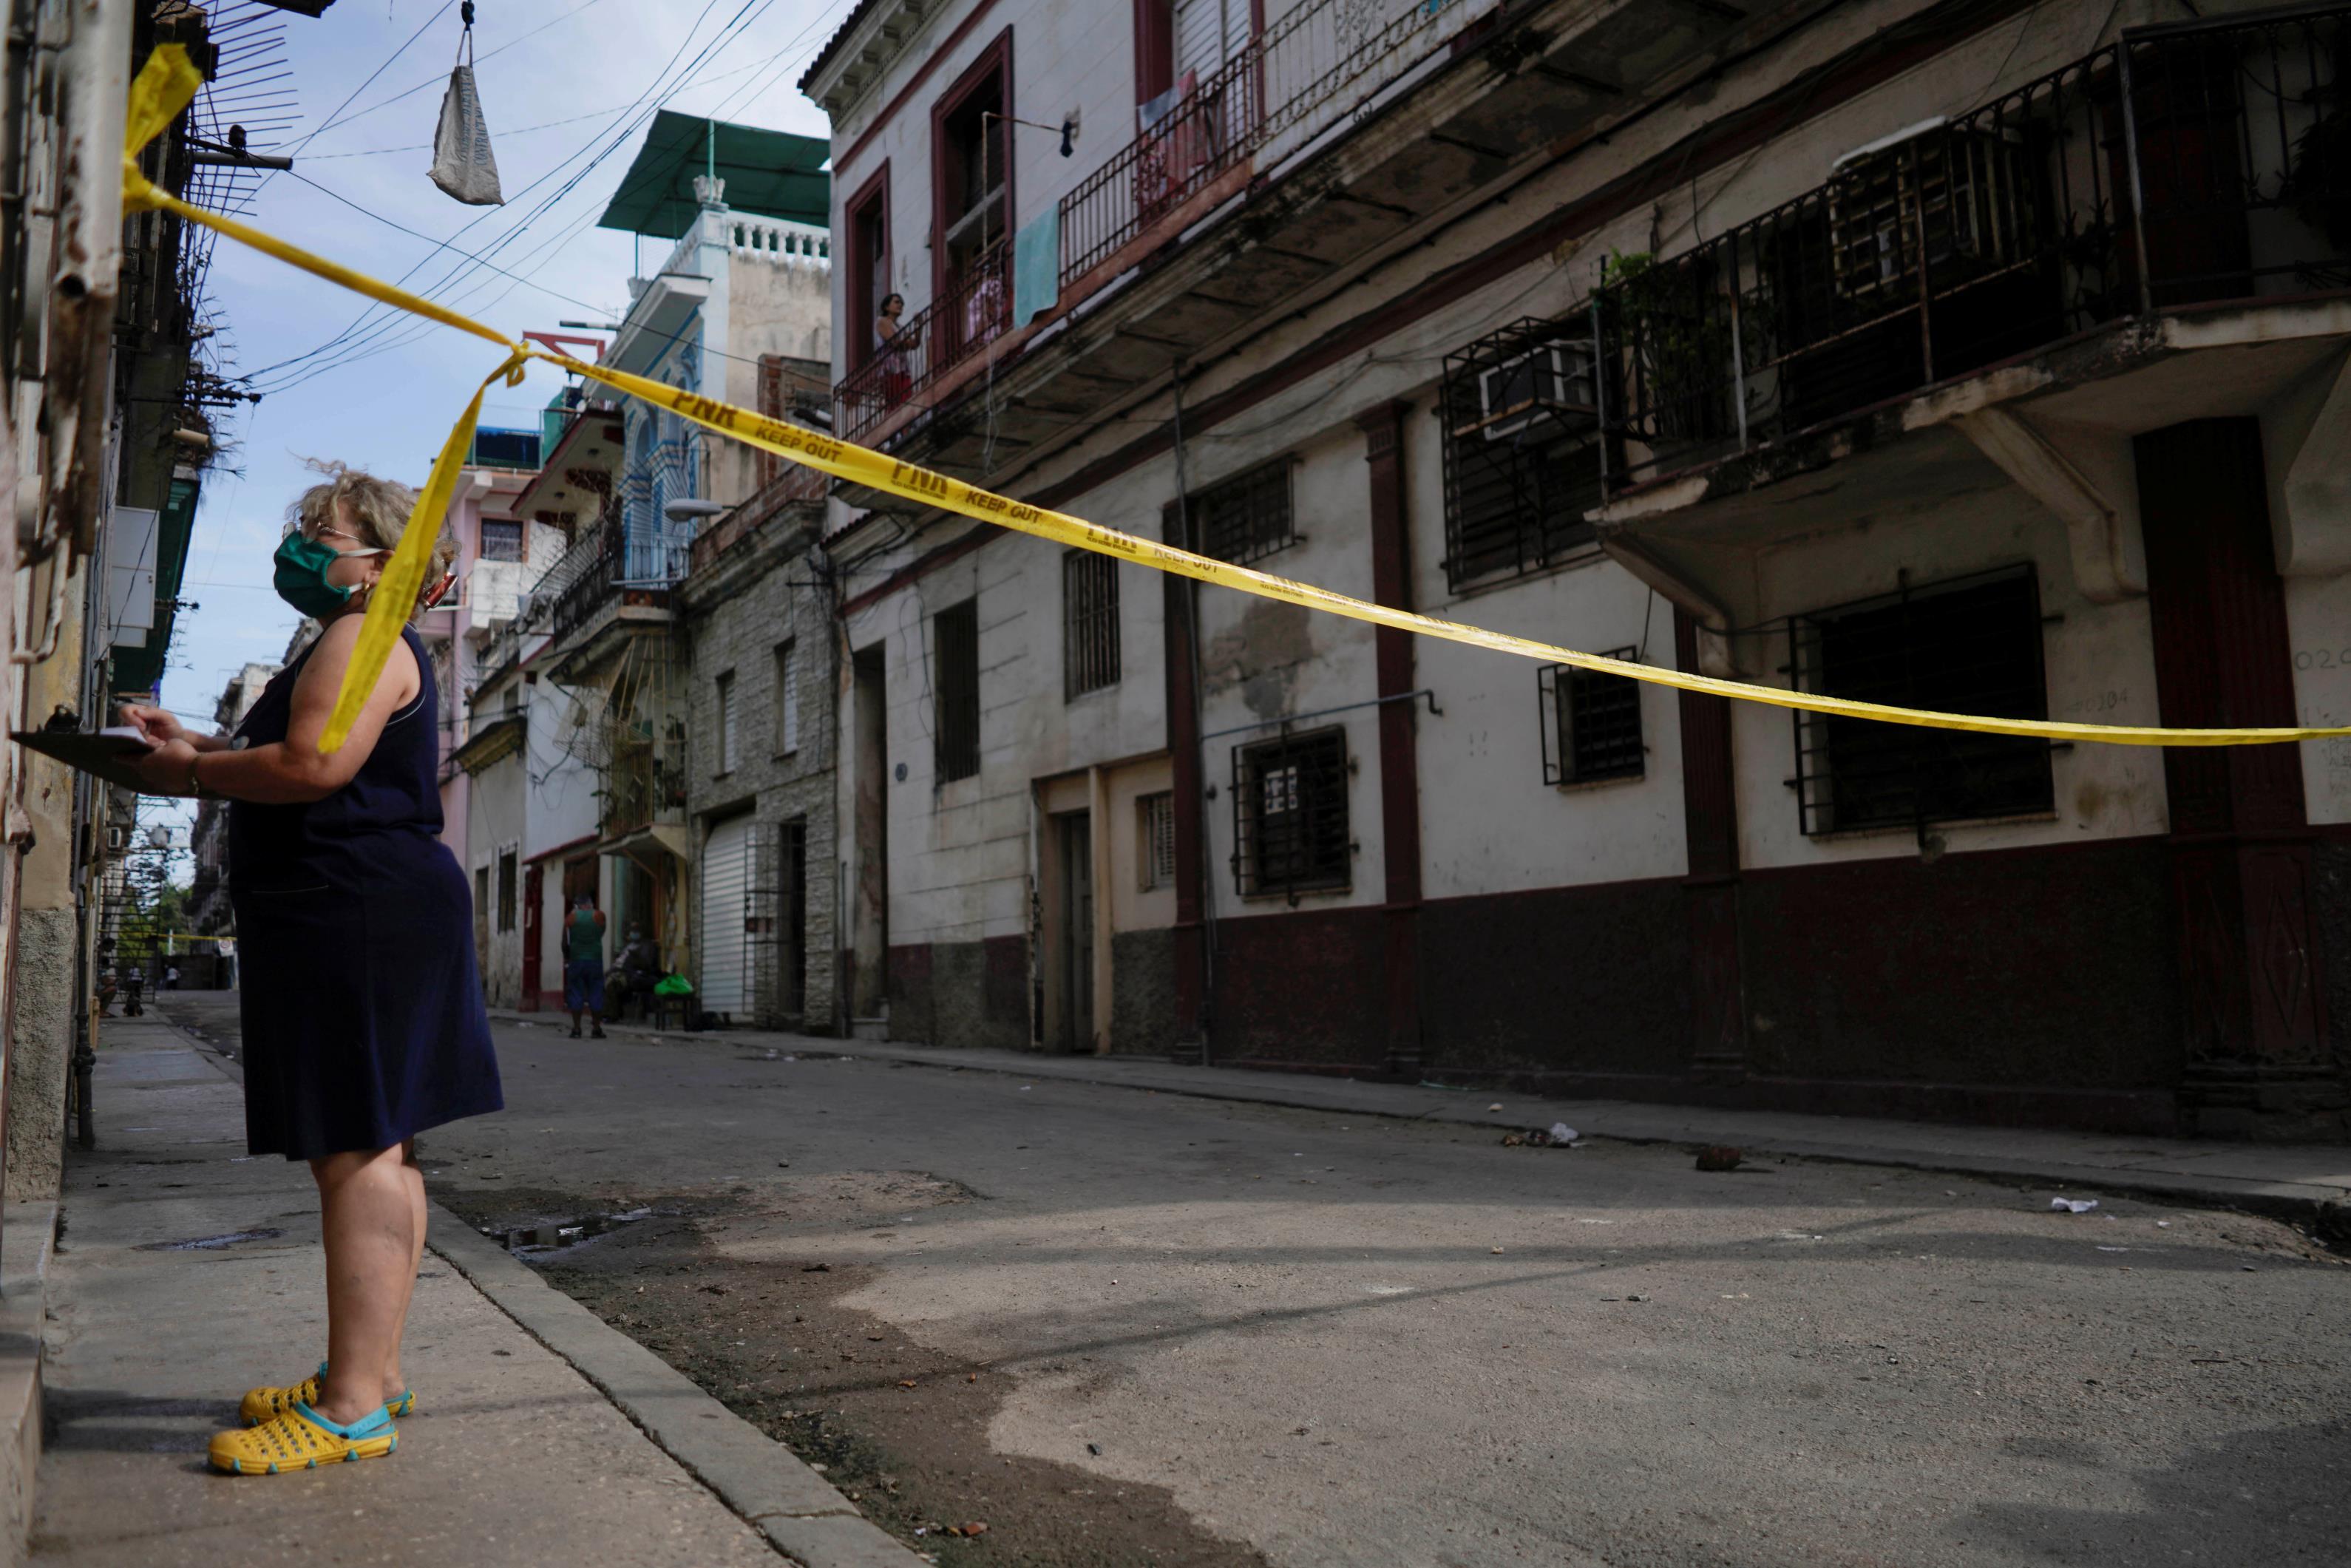 哈瓦那COVID-19病例的减少增加了古巴疫苗发挥作用的希望